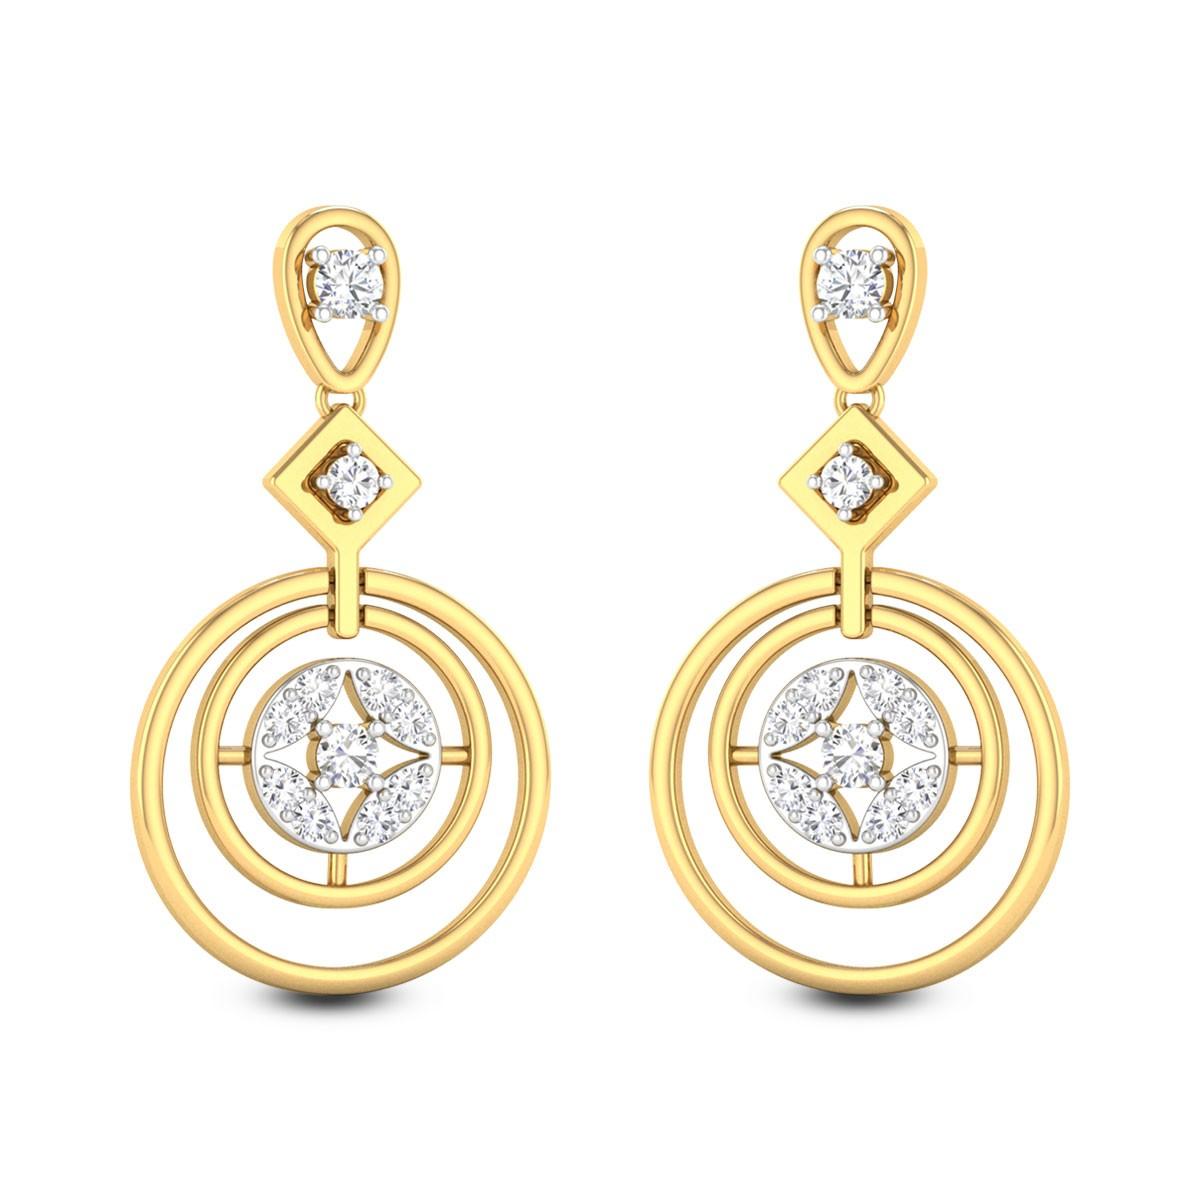 Lara Diamond Earrings